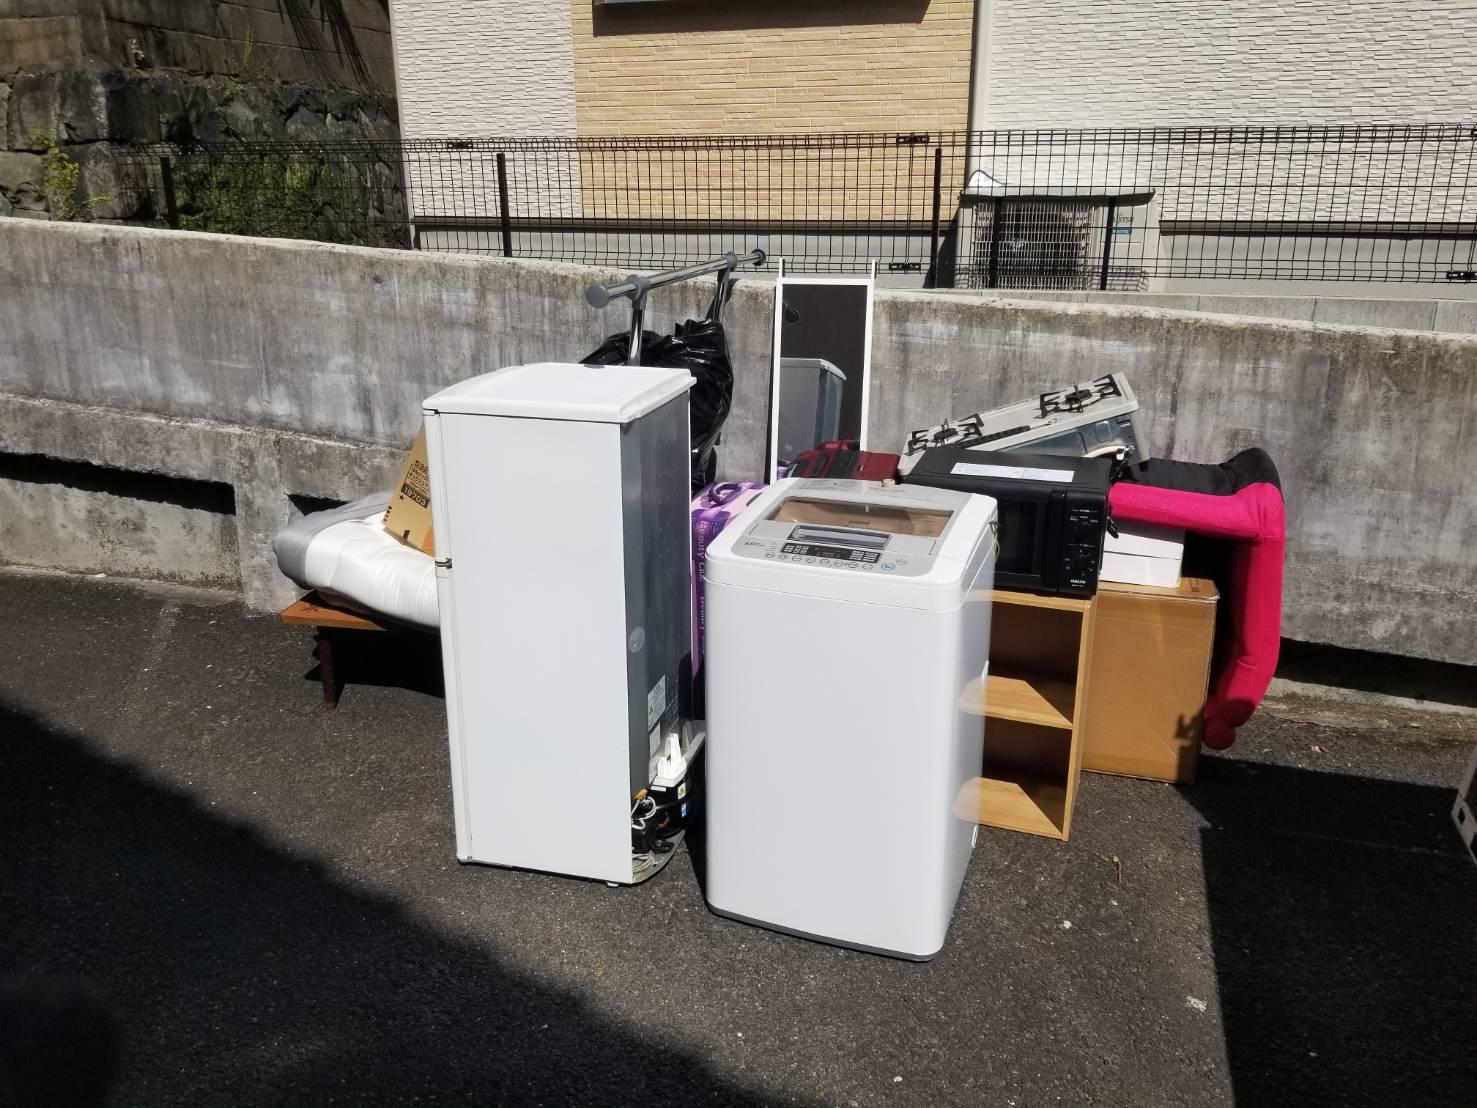 洗濯機、冷蔵庫、プリンター、スーツケース、コンロ、テーブルの回収前